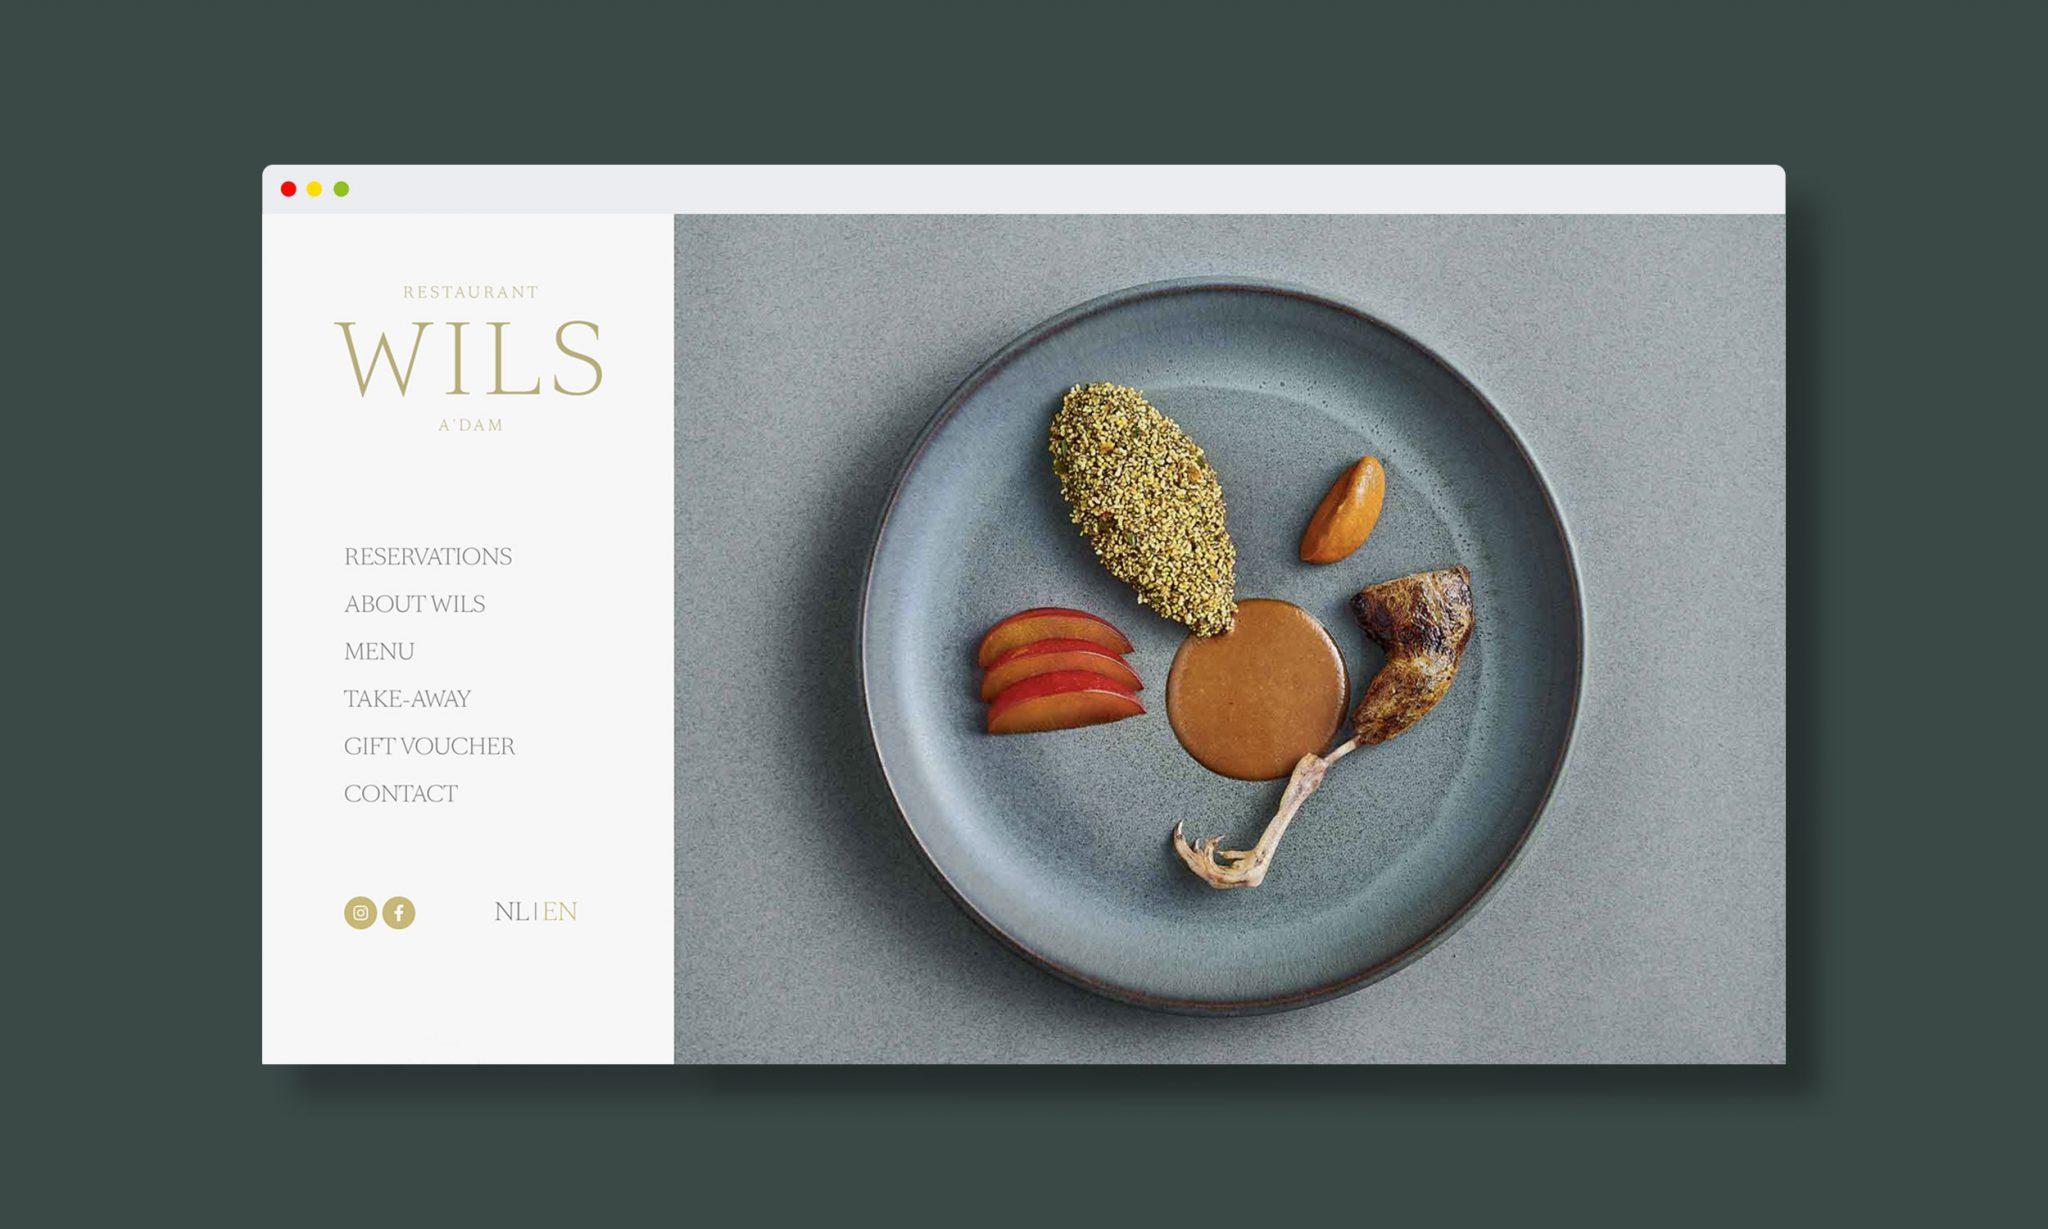 Wils Amsterdam Restaurant online identity